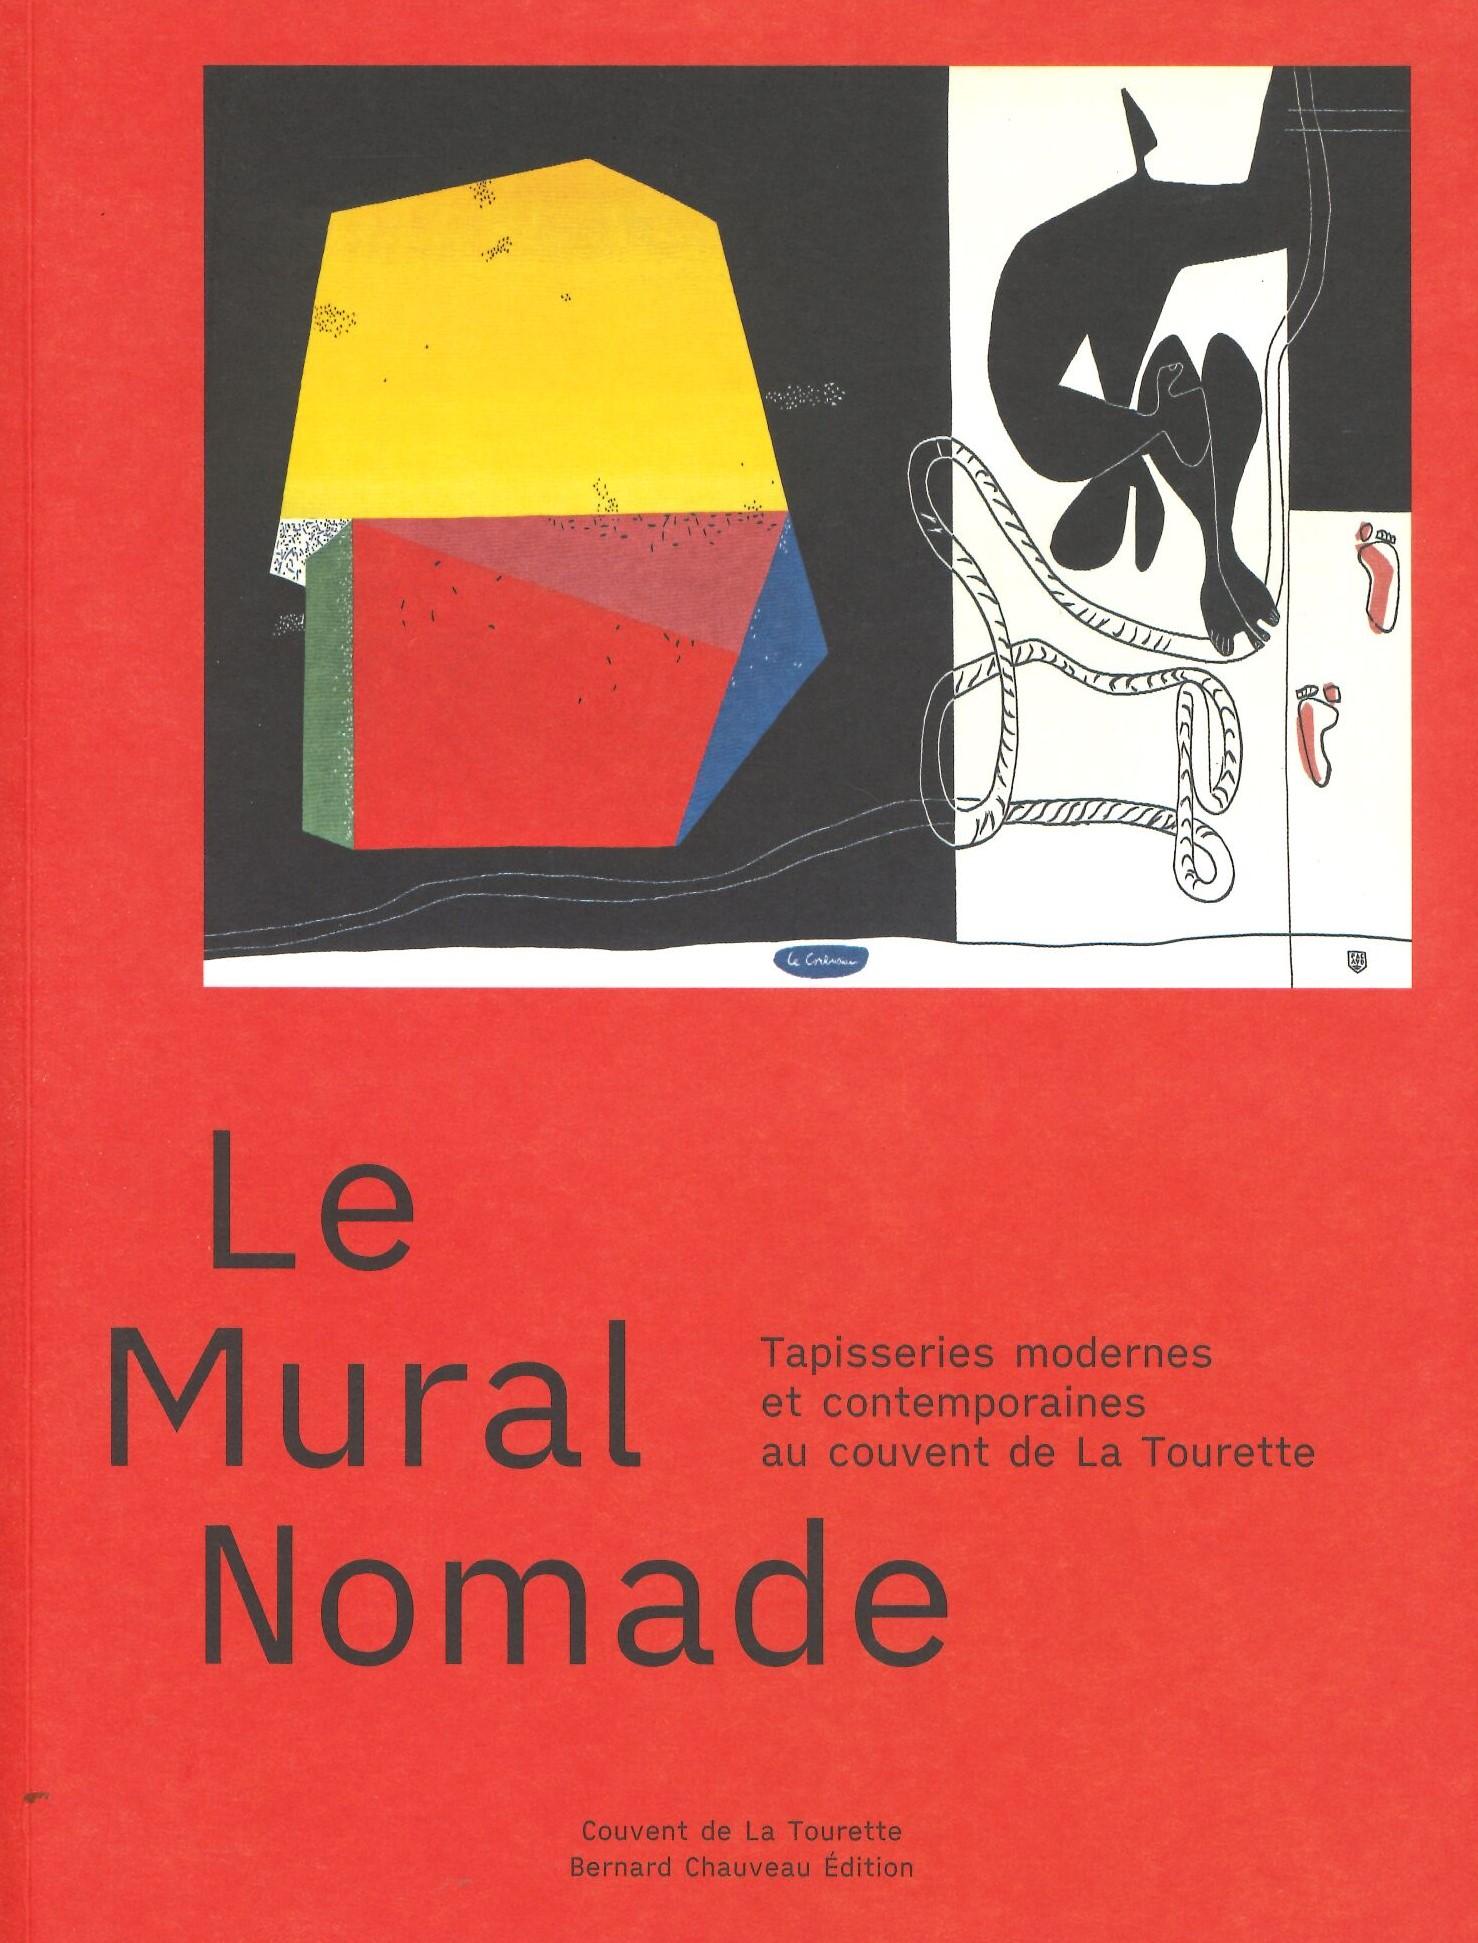 mural_nomade.jpg